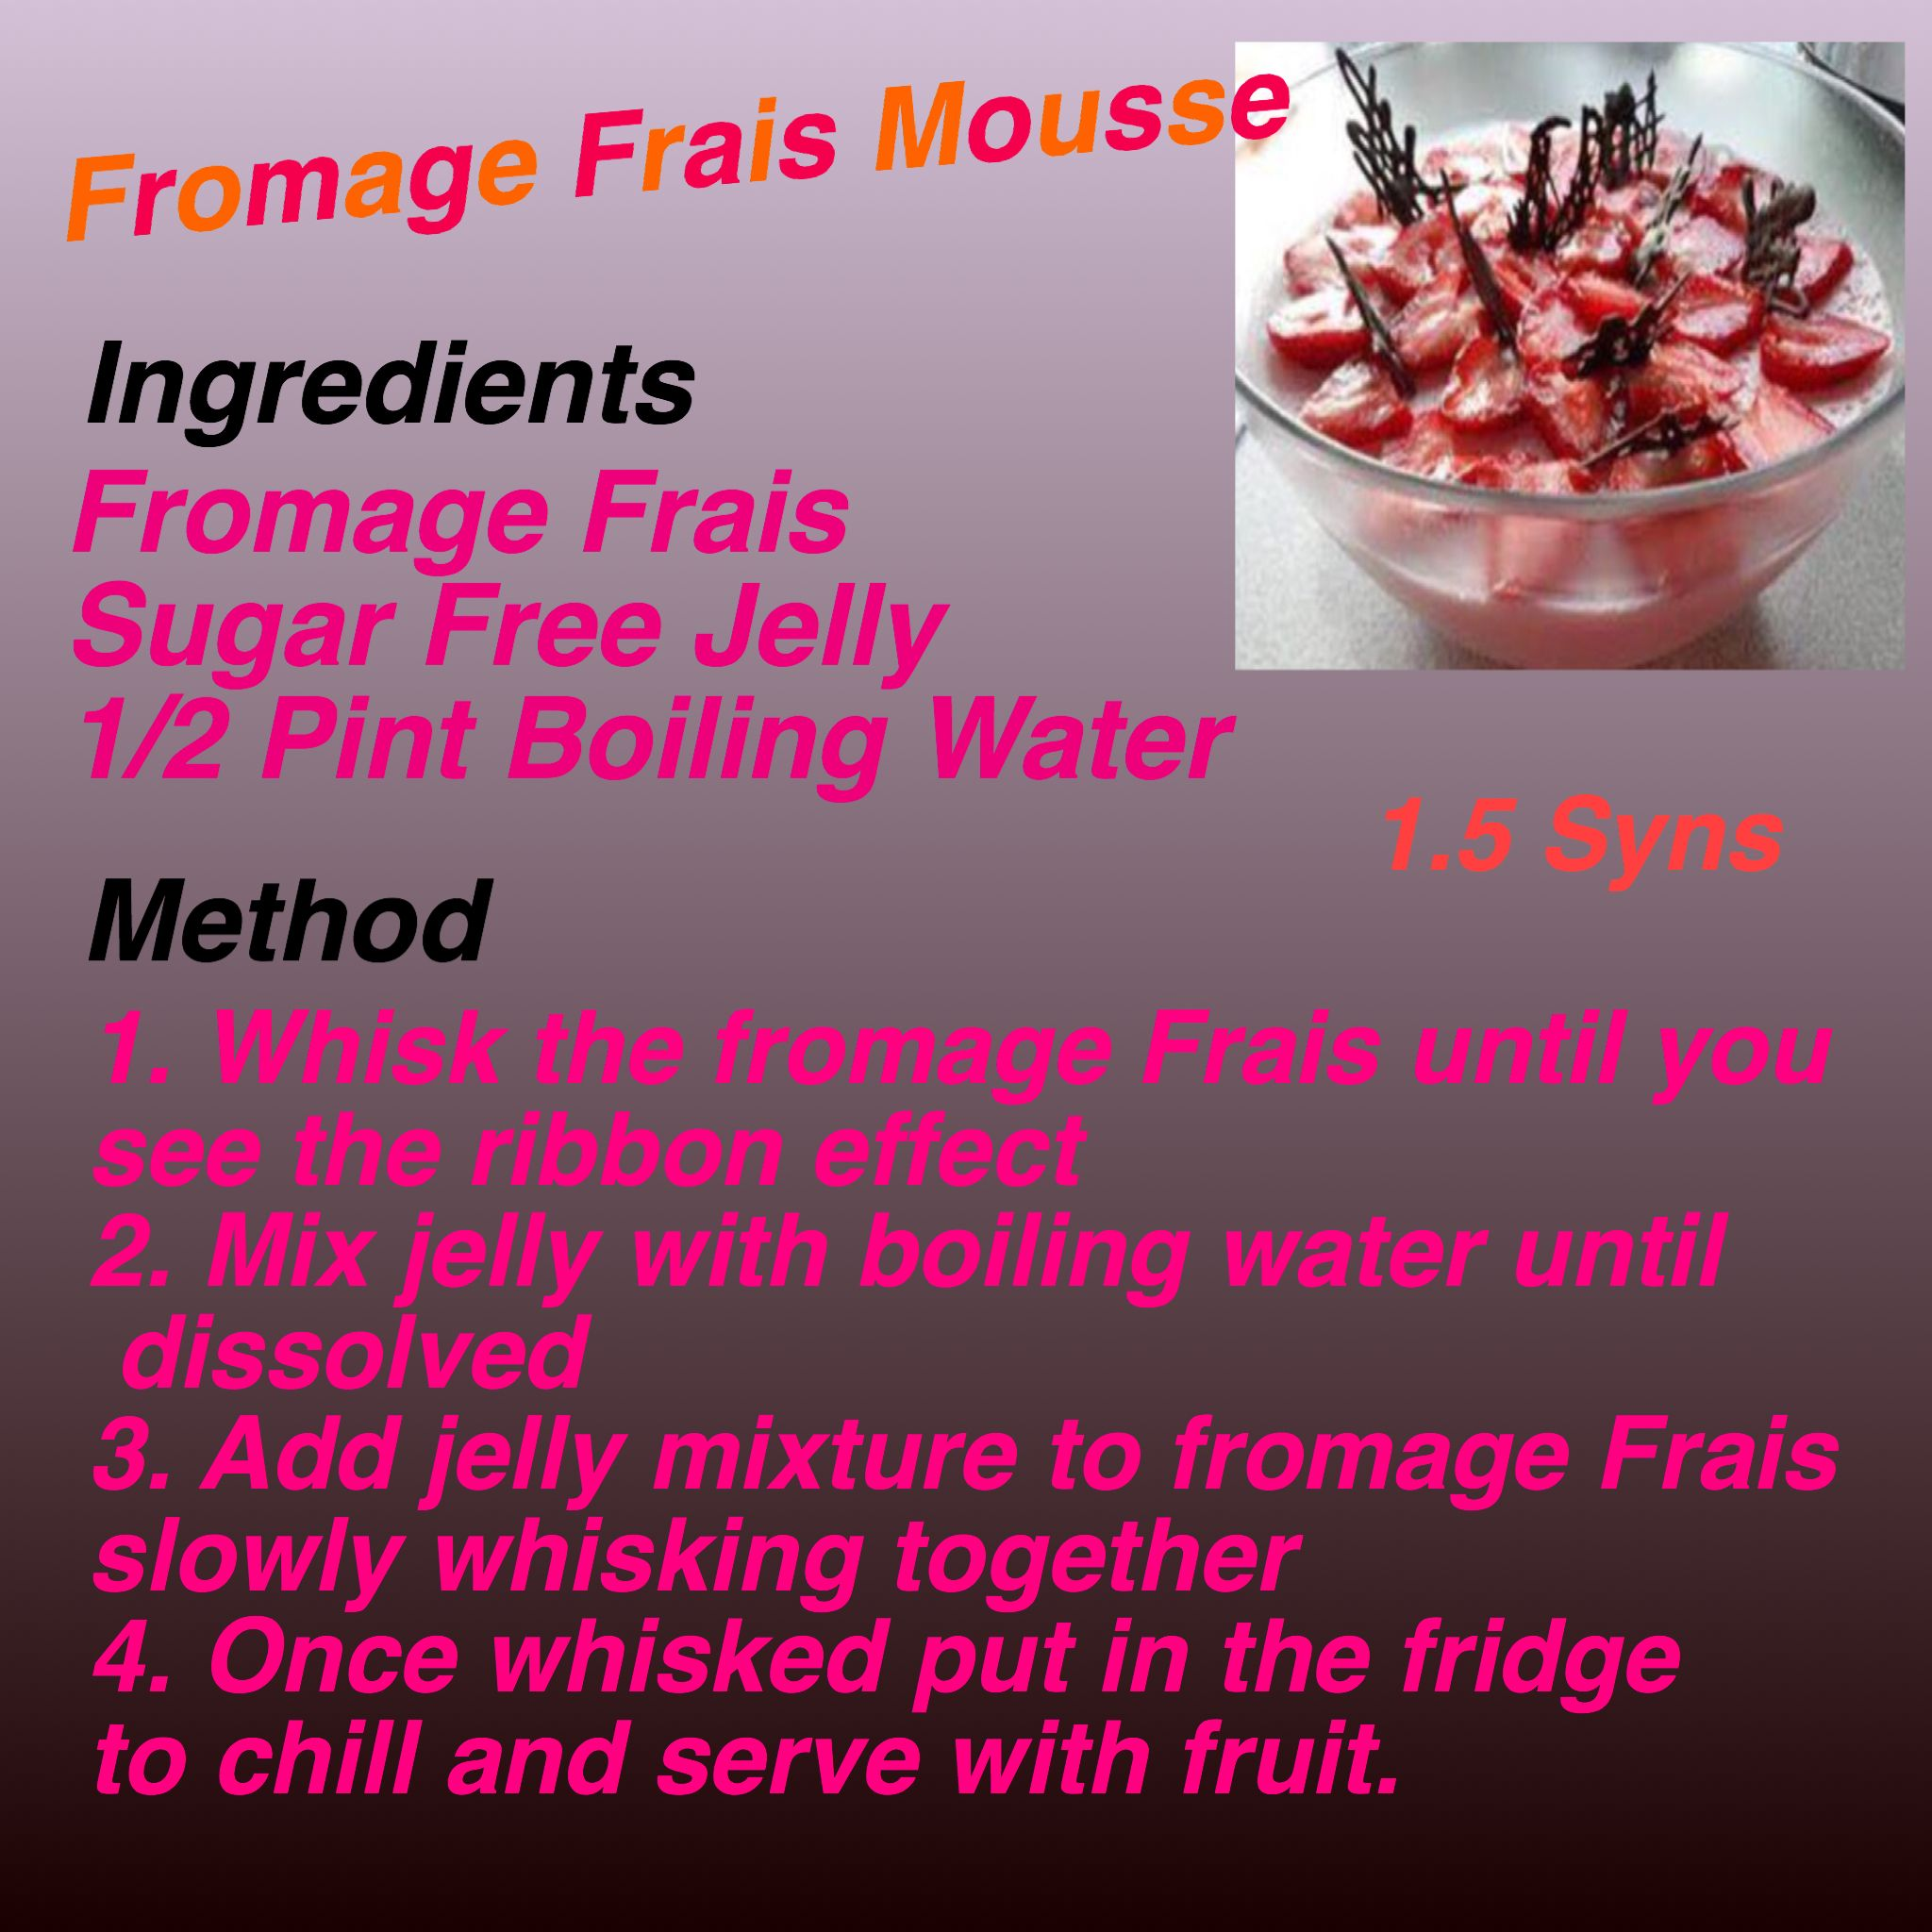 Fromage Frais Mousse